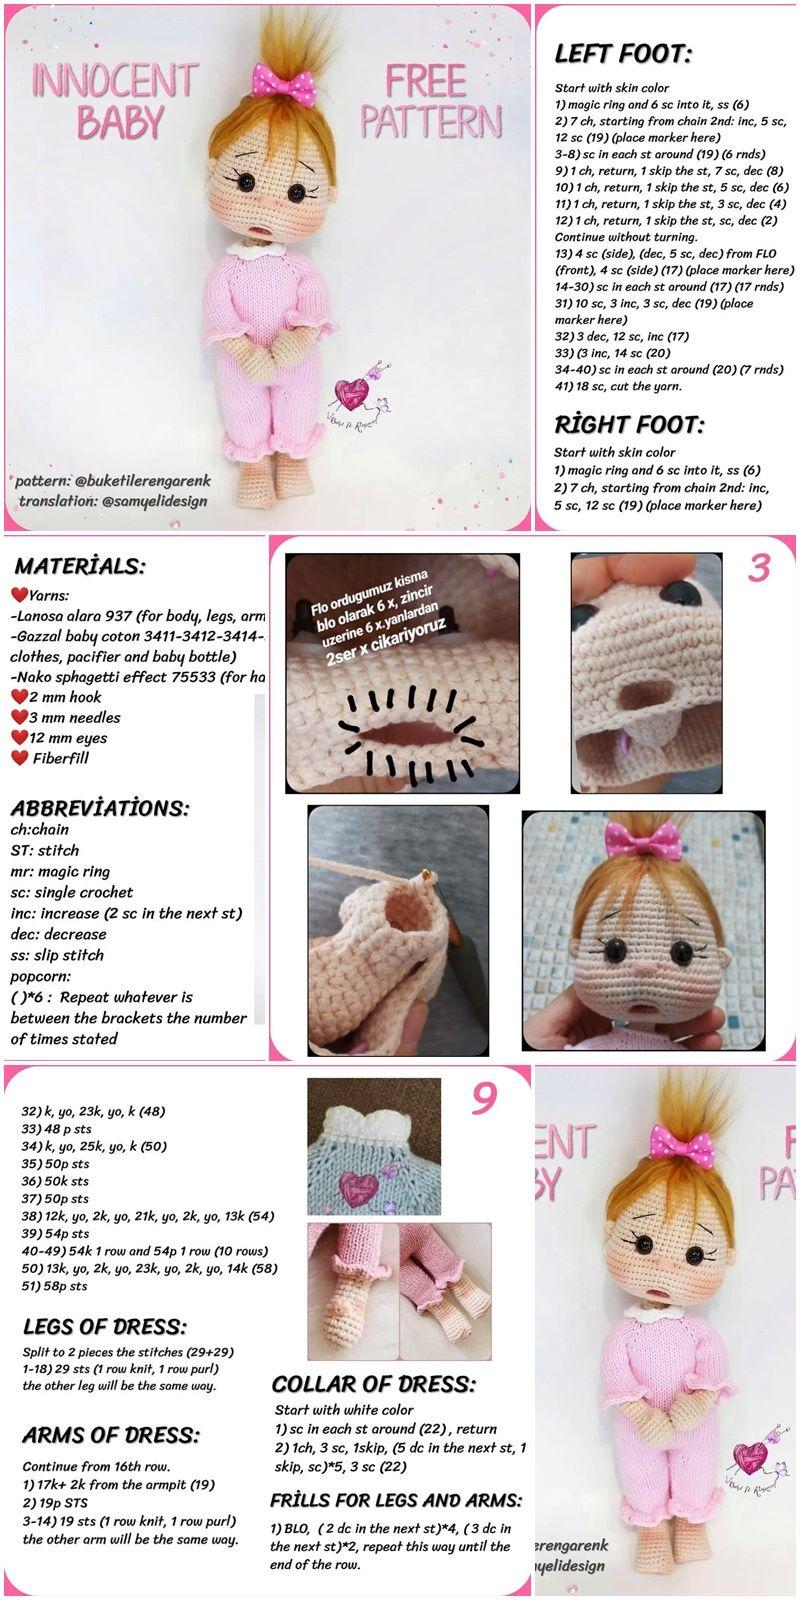 Amigurumi Doll İnnocent Baby Free Crochet Pattern - Örgü Modelleri #crochetdolls